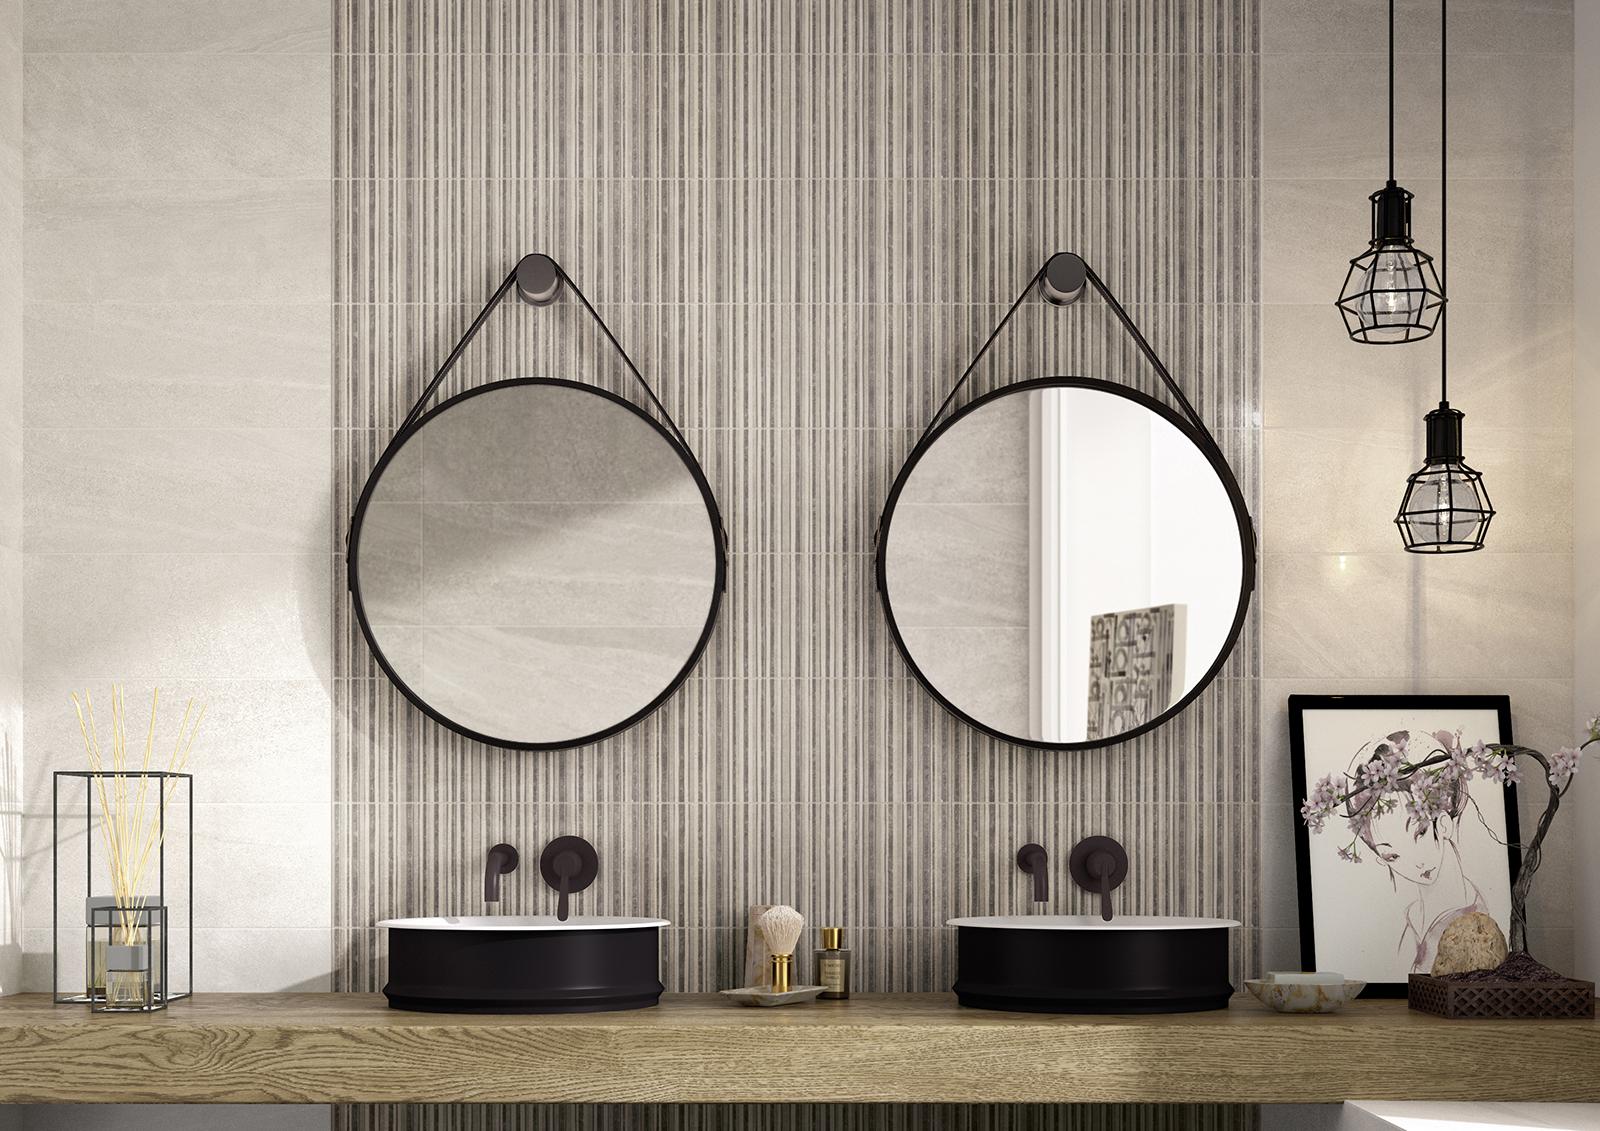 Interiors rivestimento bagno e cucina marazzi - Piastrelle bagno a righe orizzontali ...